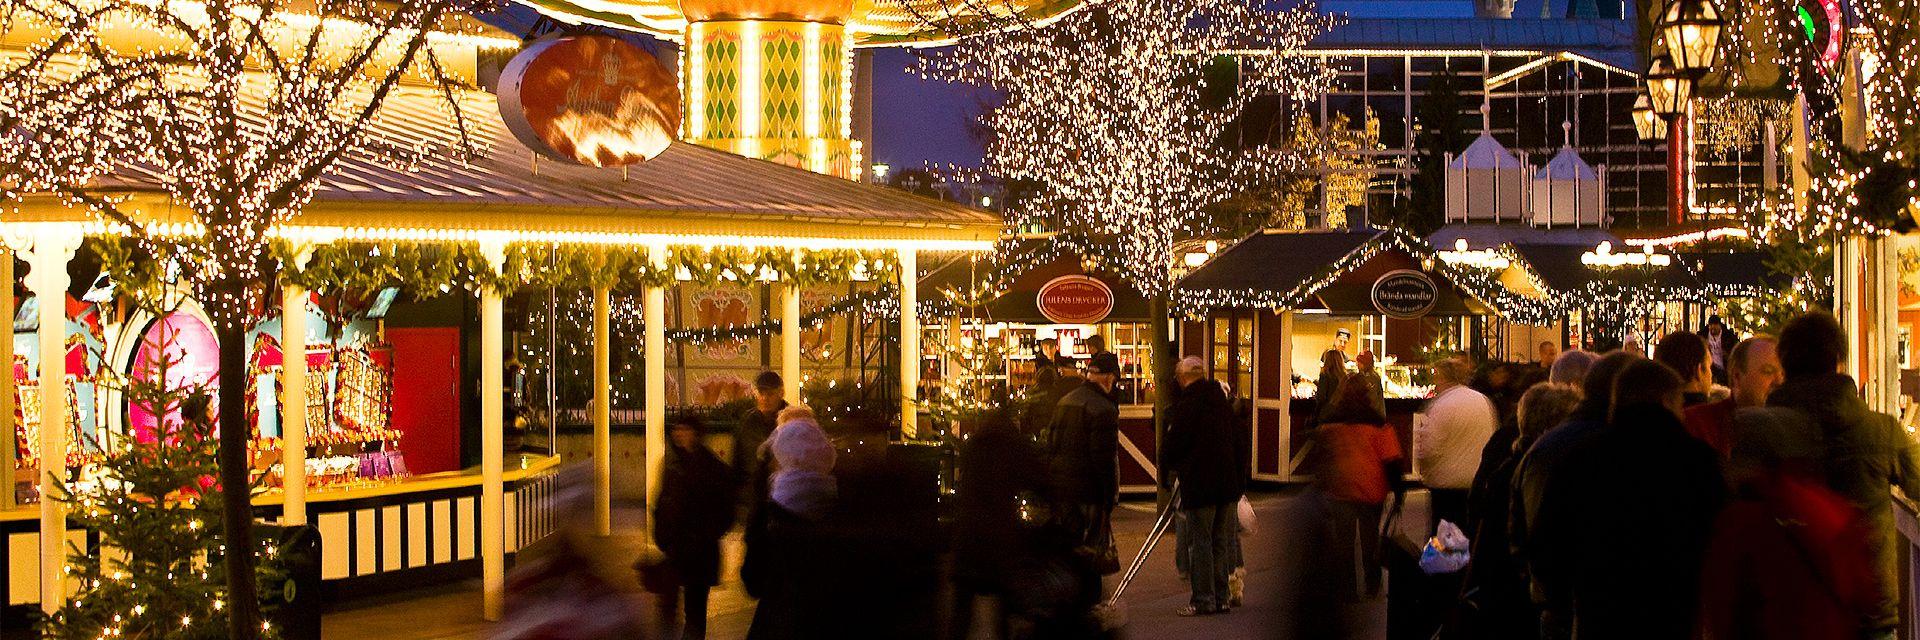 julemarked i goteborg og liseberg